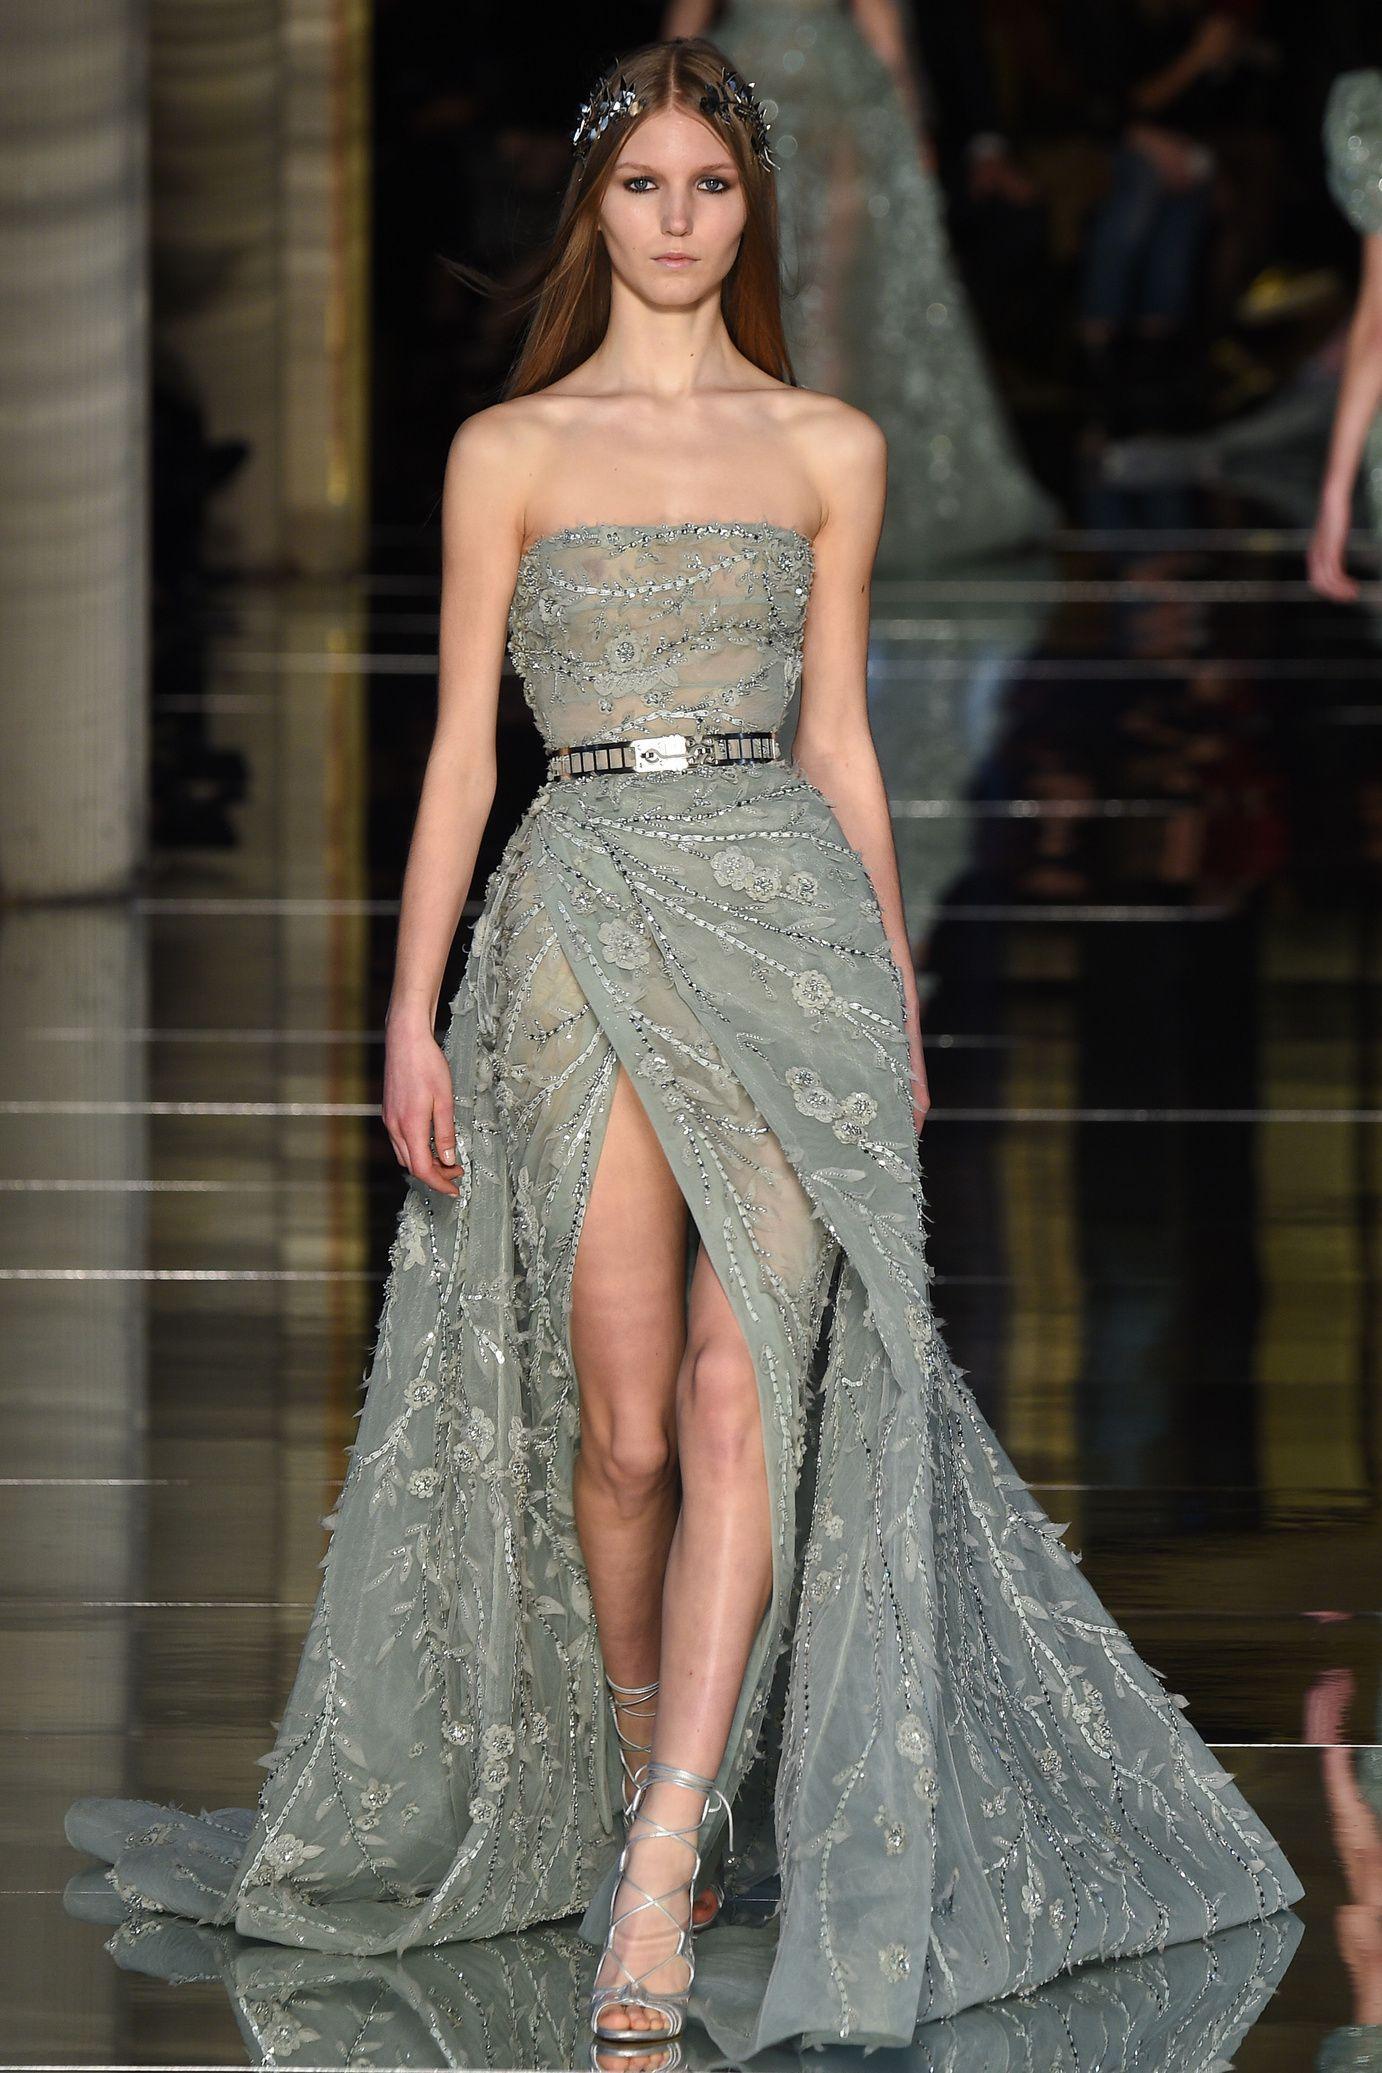 Paraden Vogue Paris in 2020 | Kleiderstile, Modestil ...